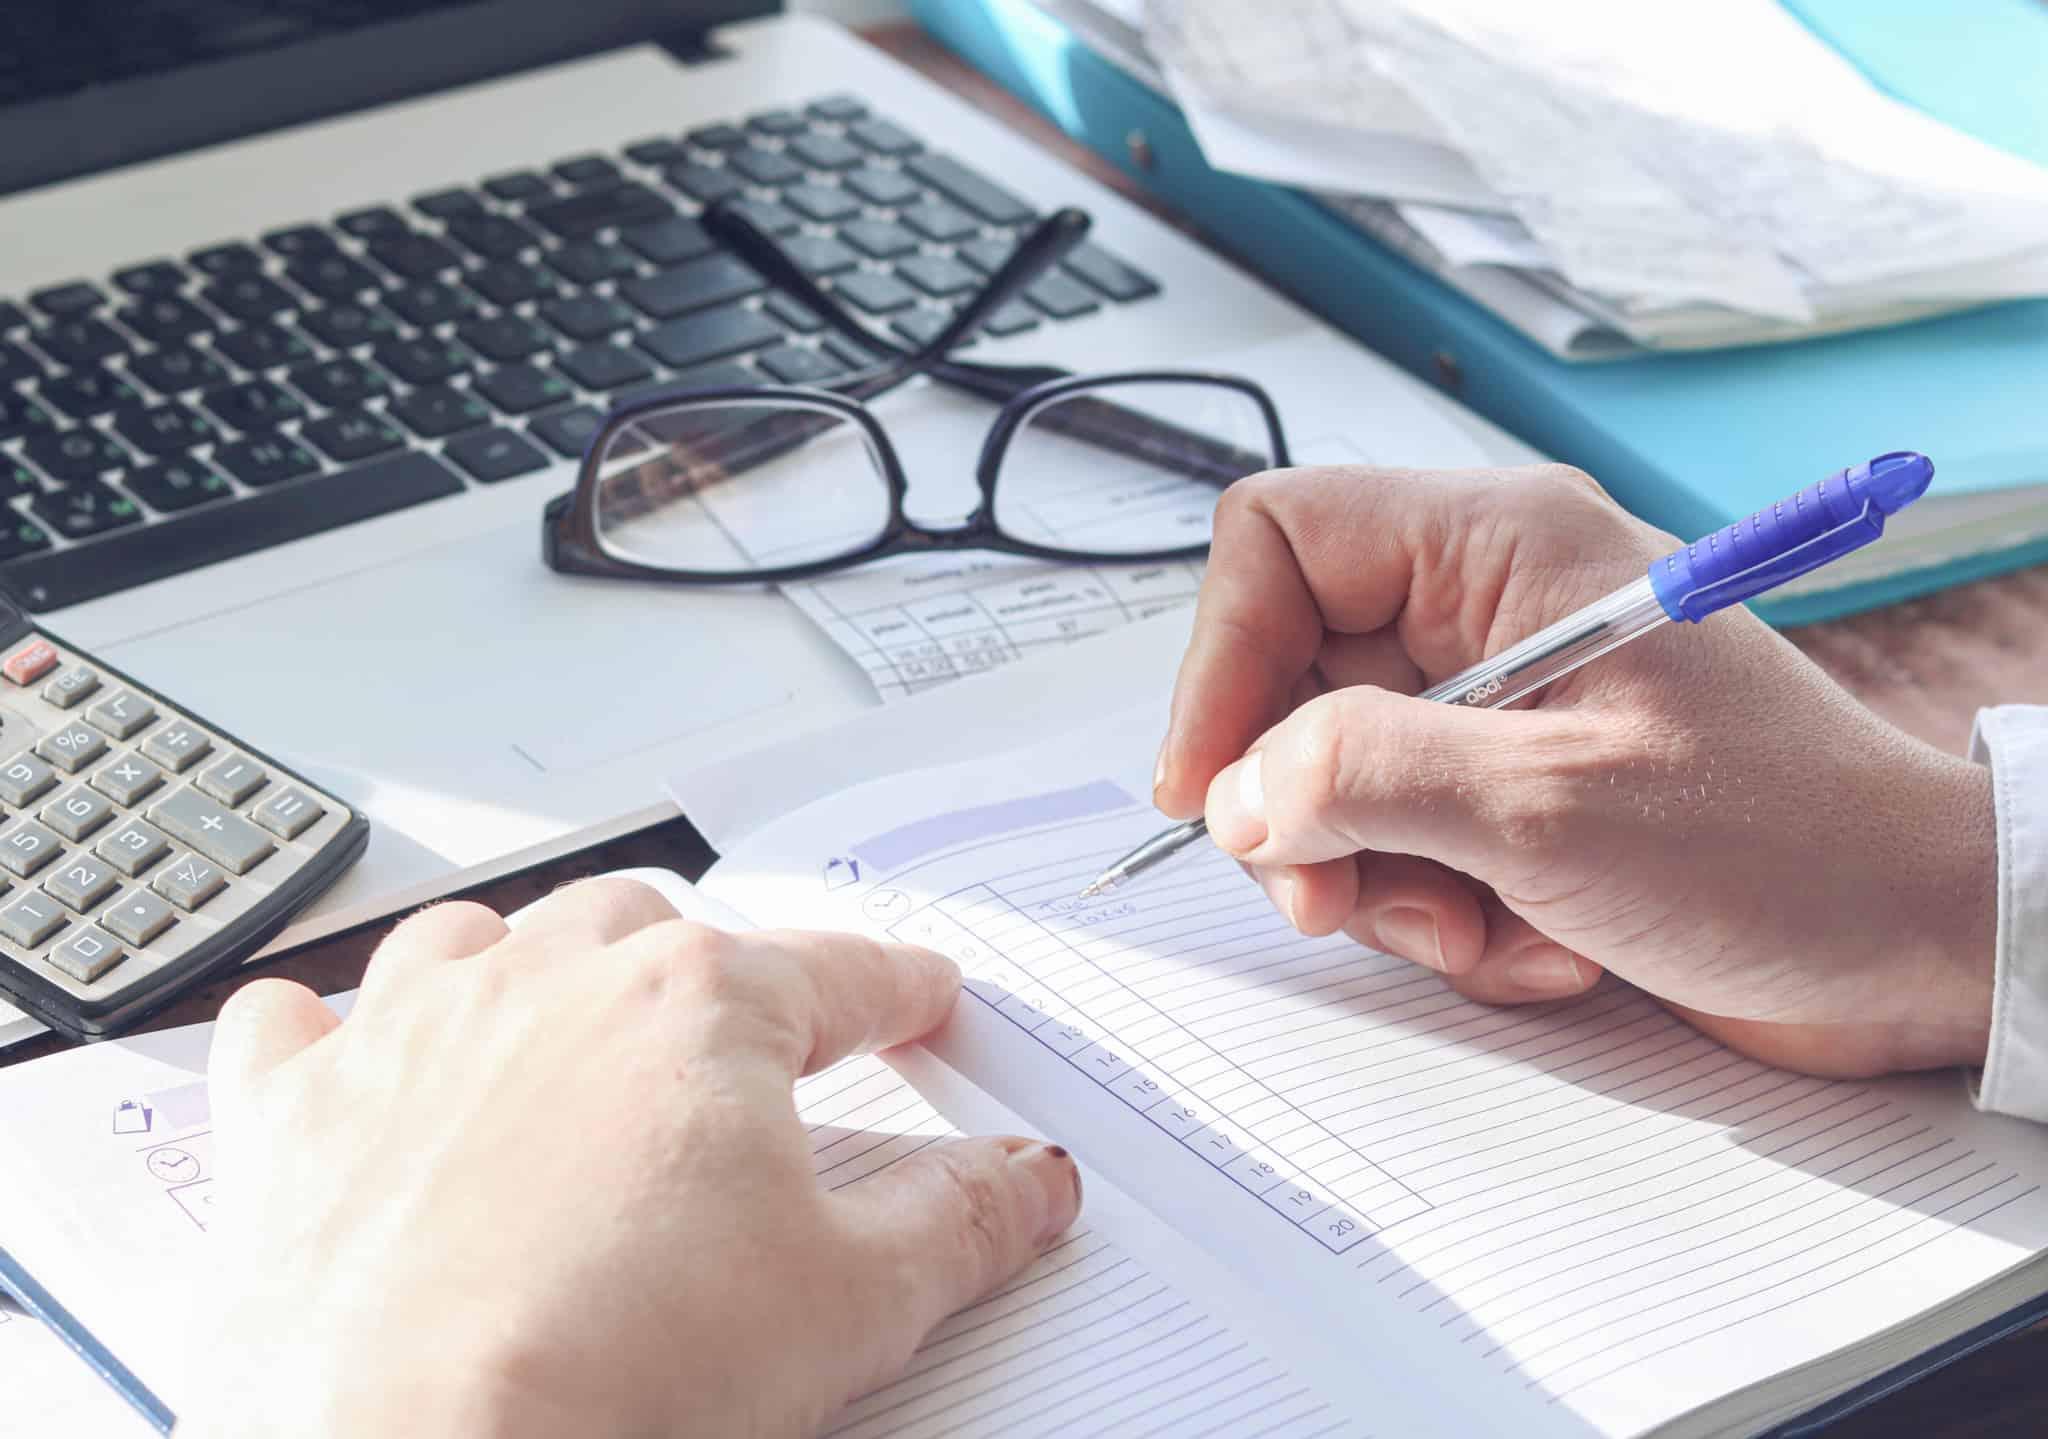 benefícios fiscais gestão financeira papeis calculadora